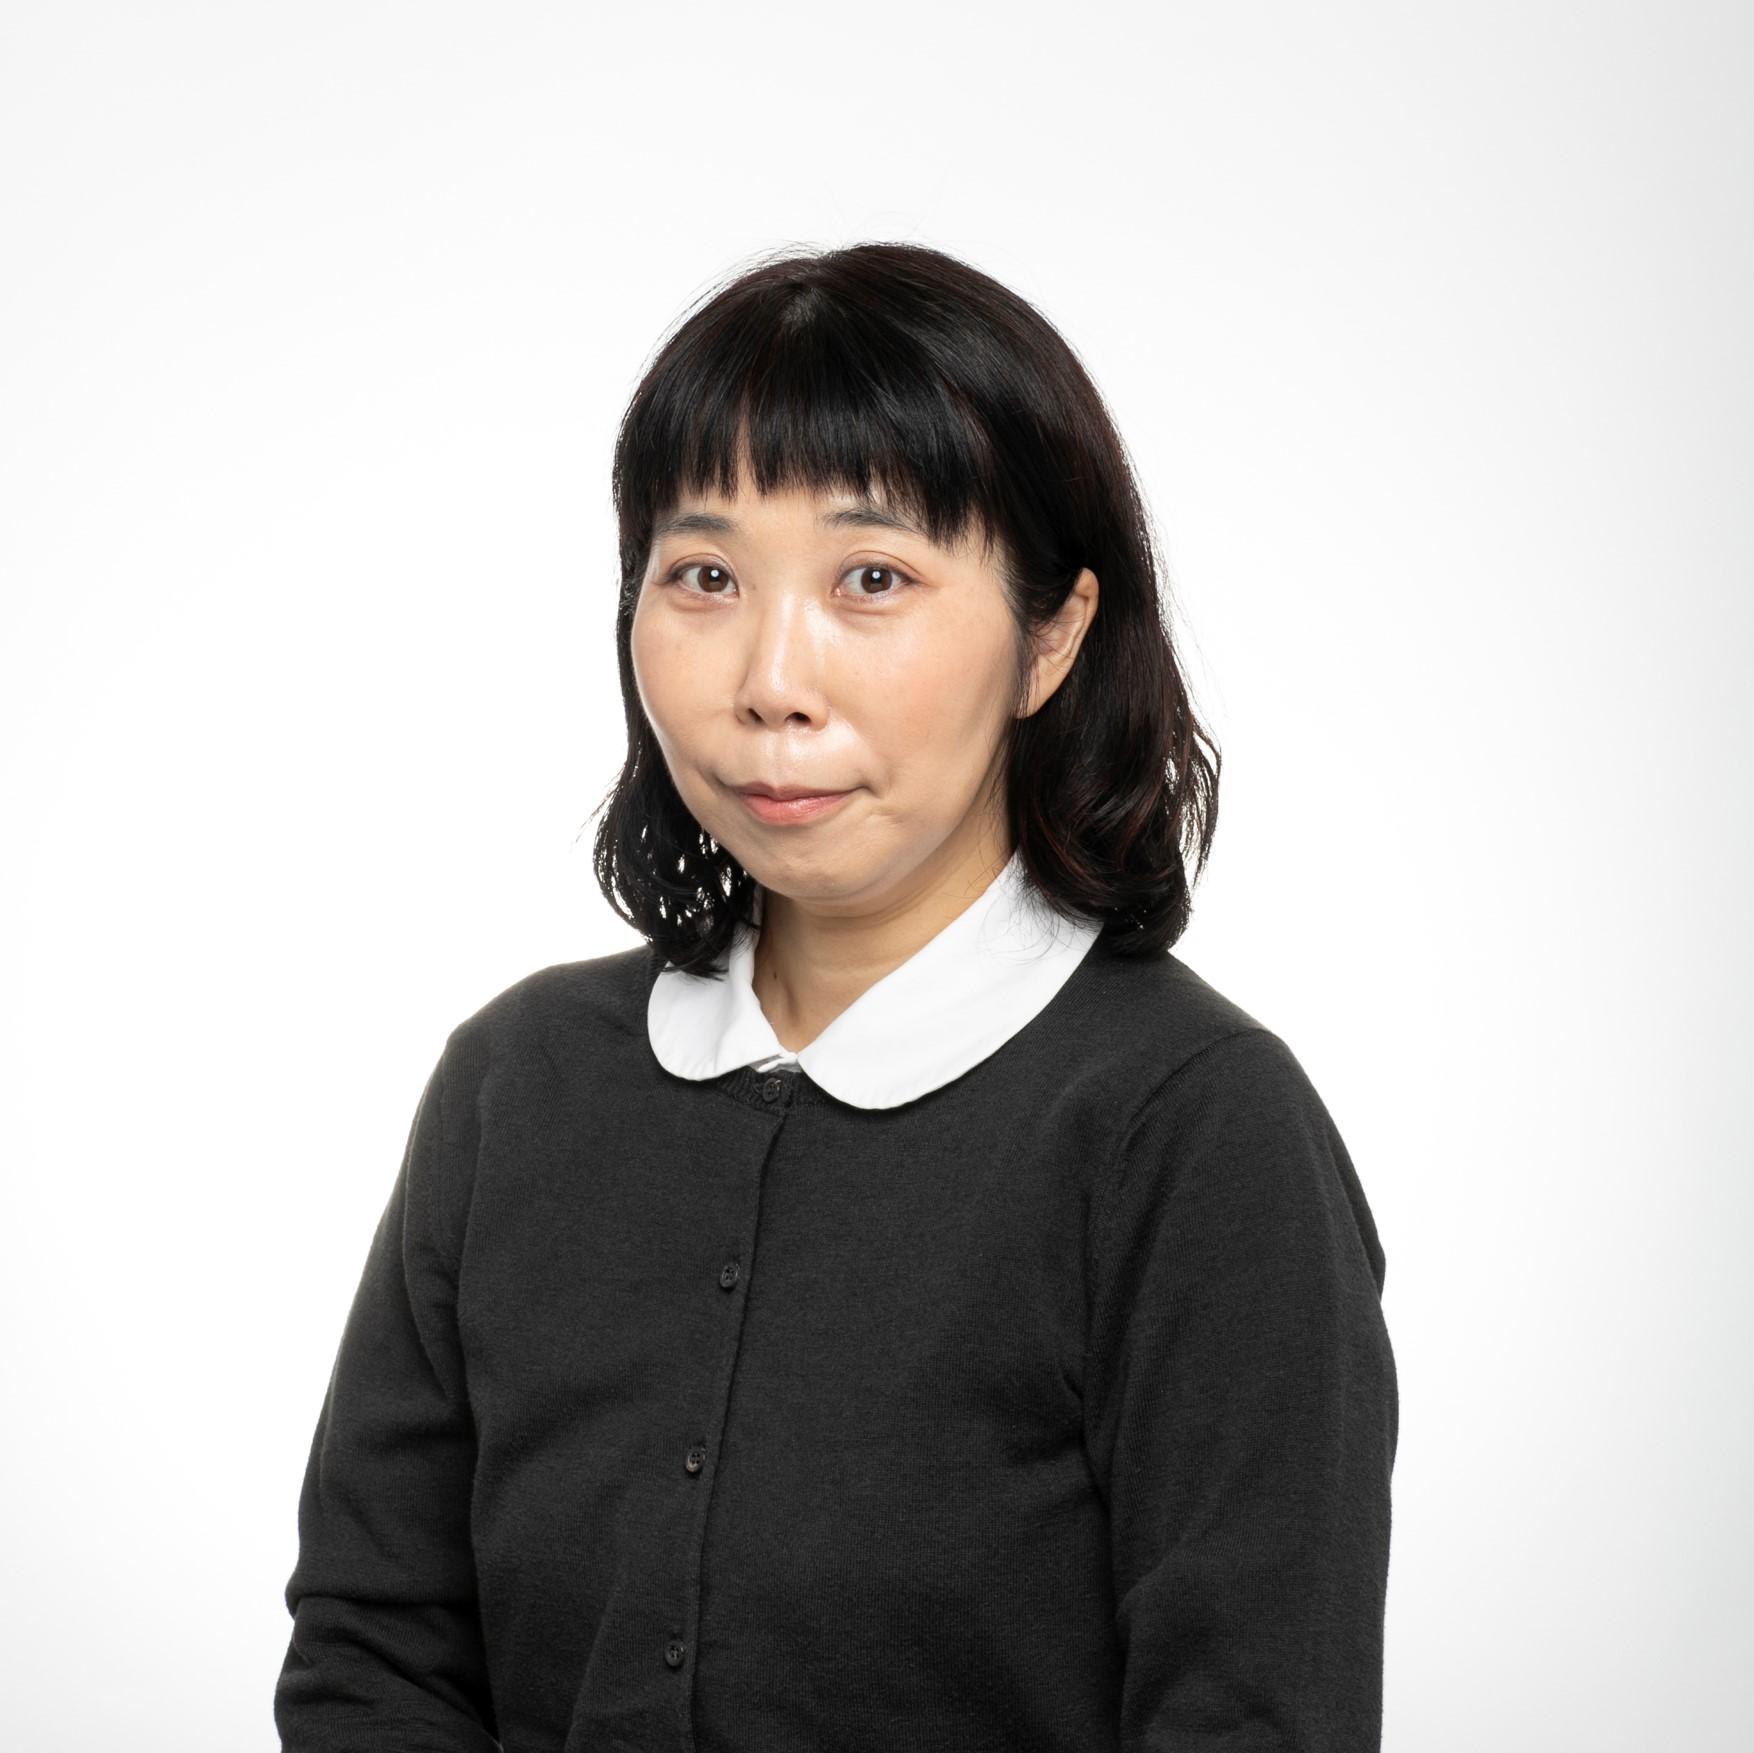 Yukiko Shimada